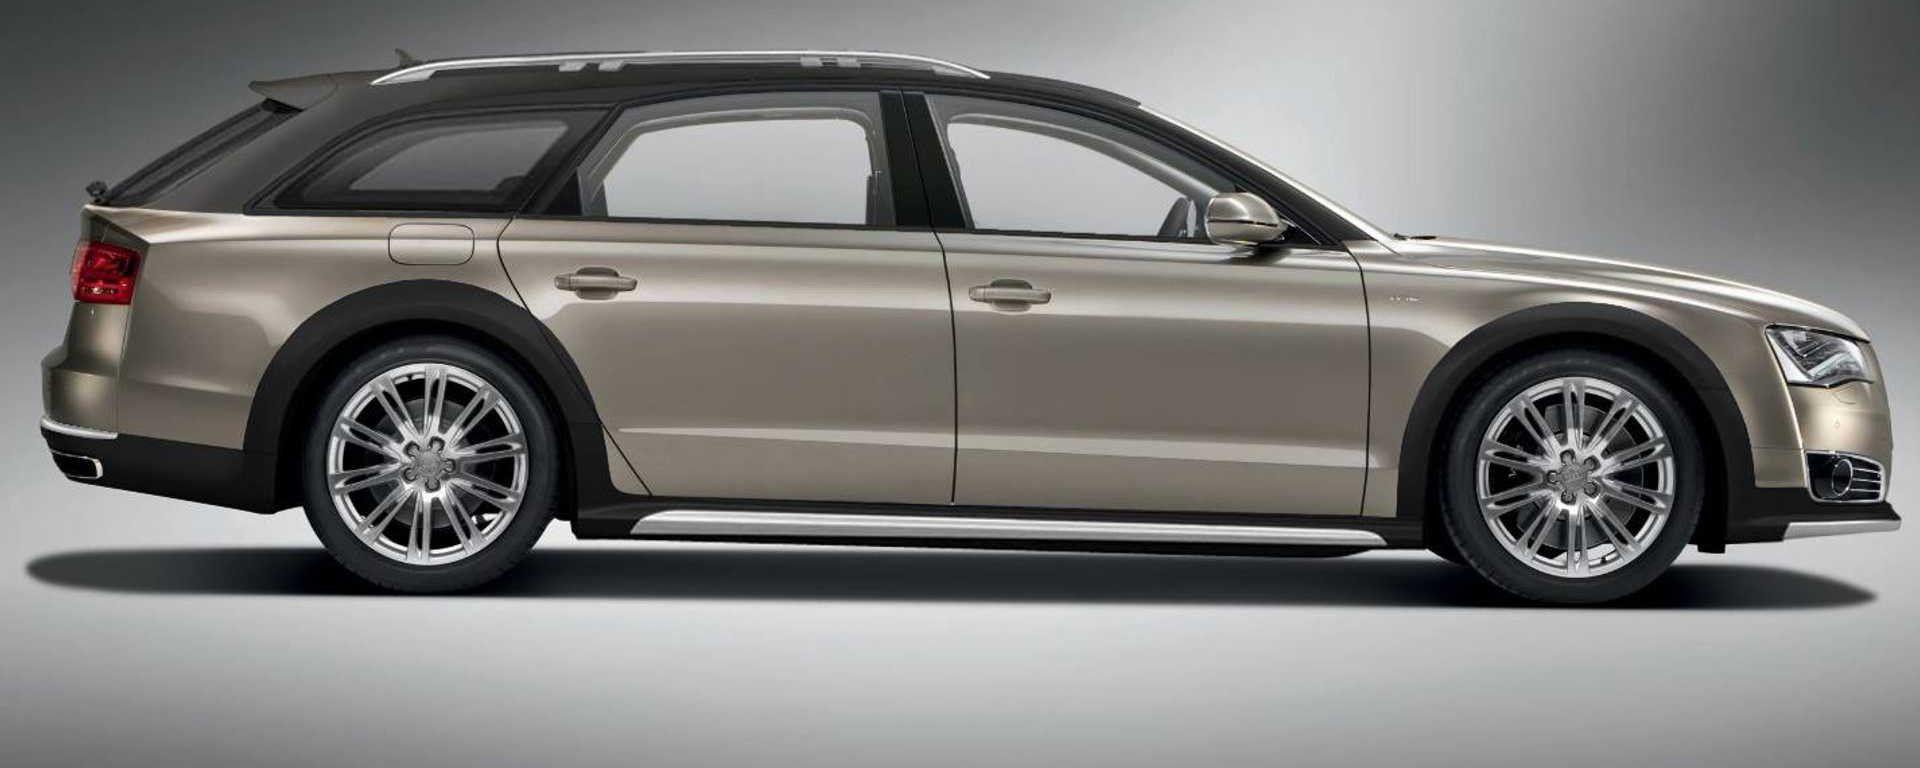 Curiosità di Natale: Audi A8 Avant Allroad W12 by Castagna